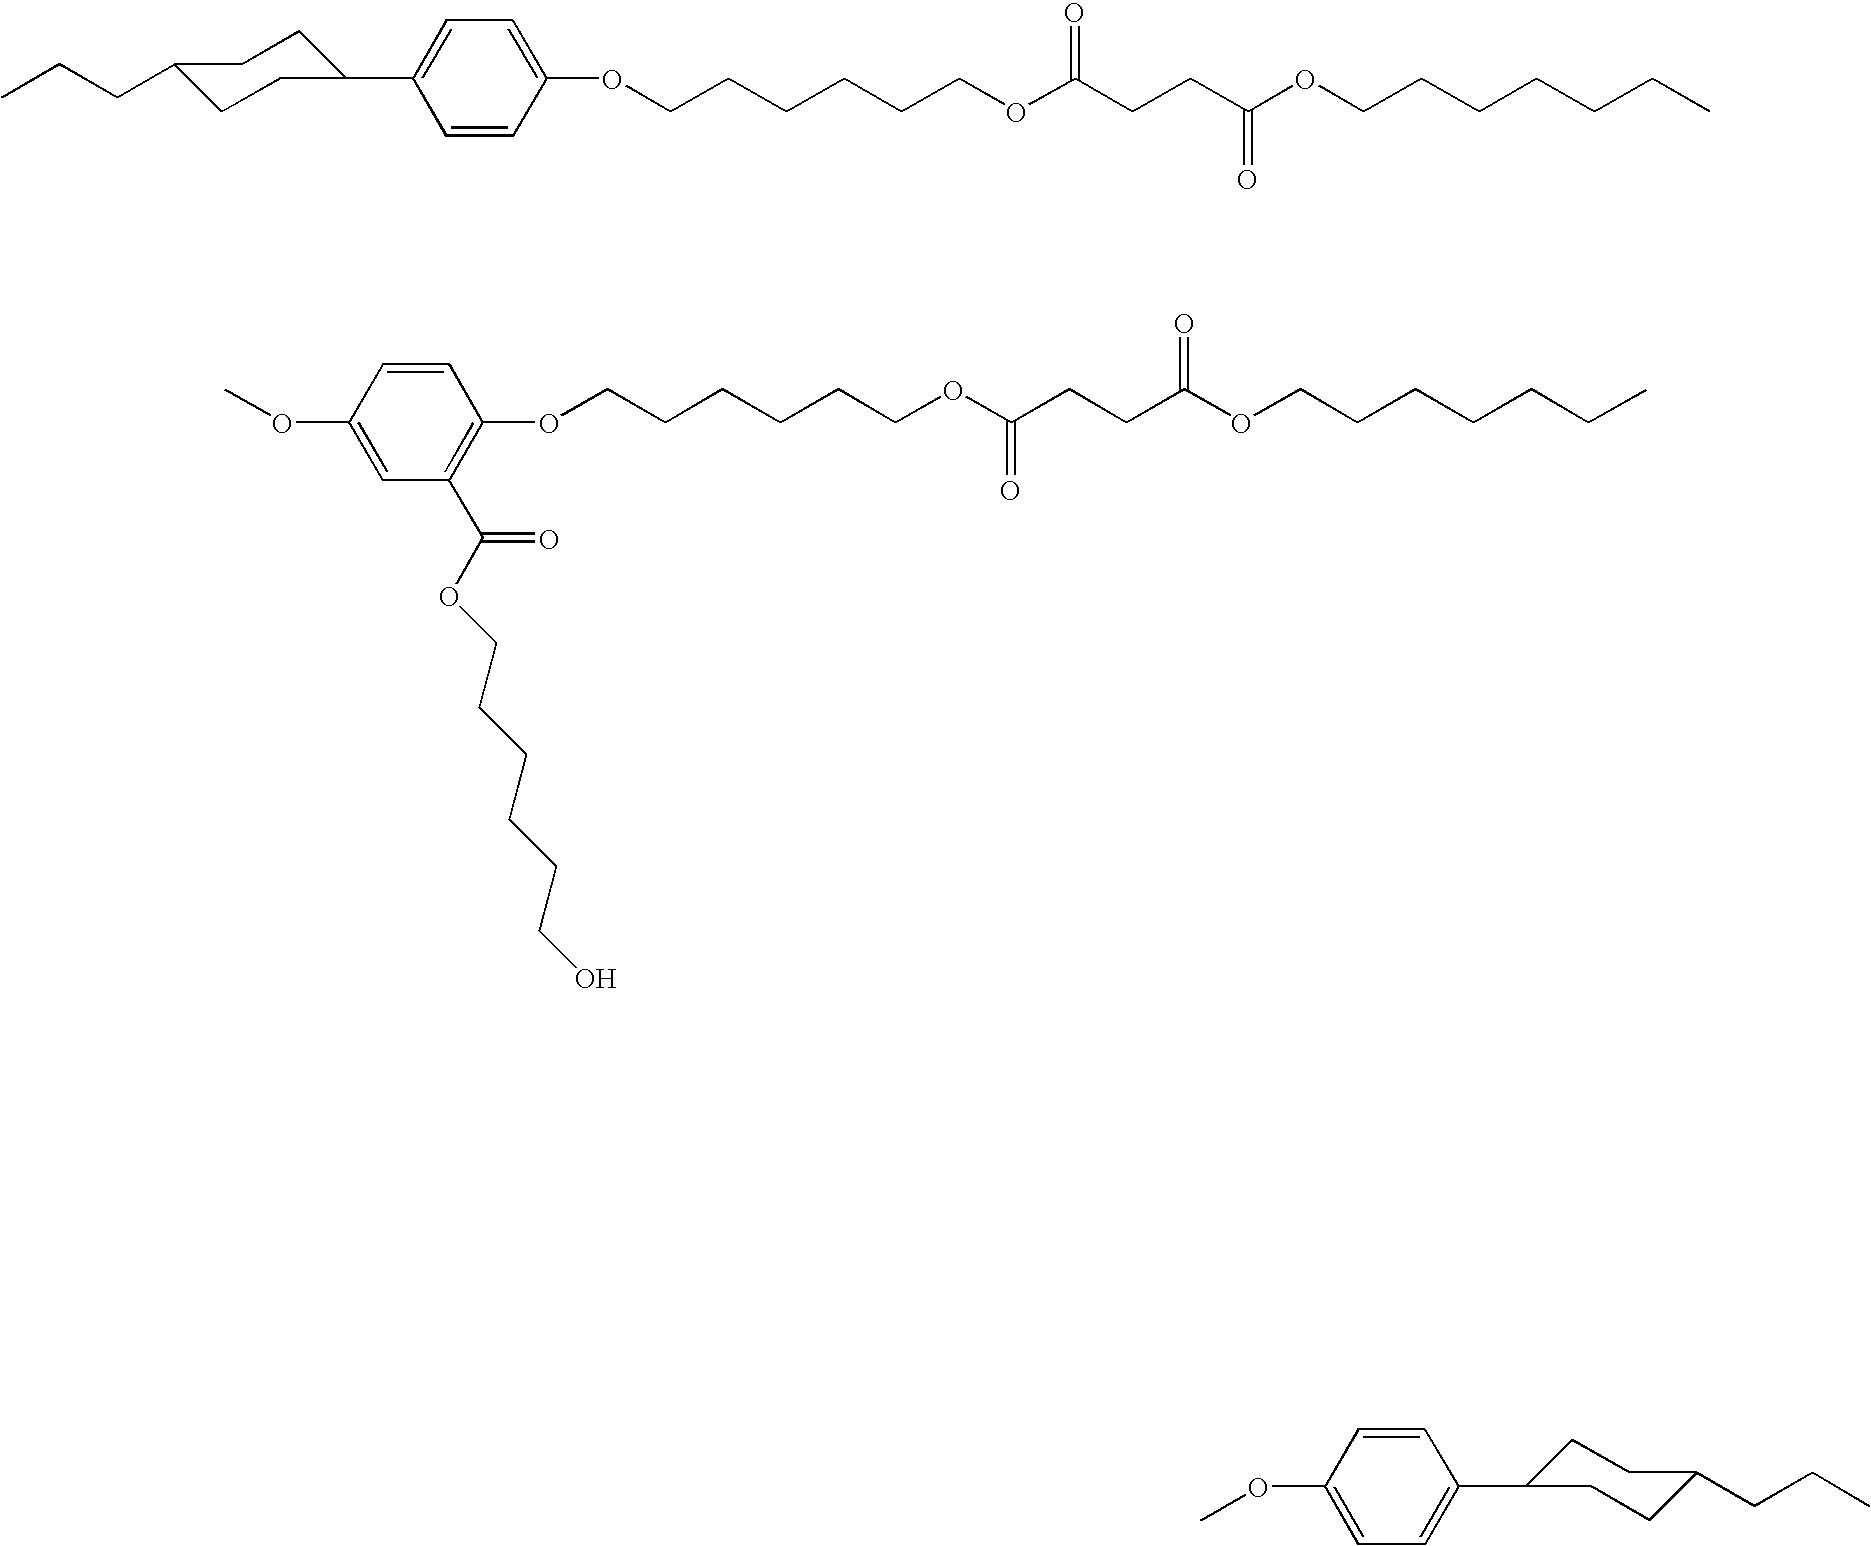 Figure US20100014010A1-20100121-C00041